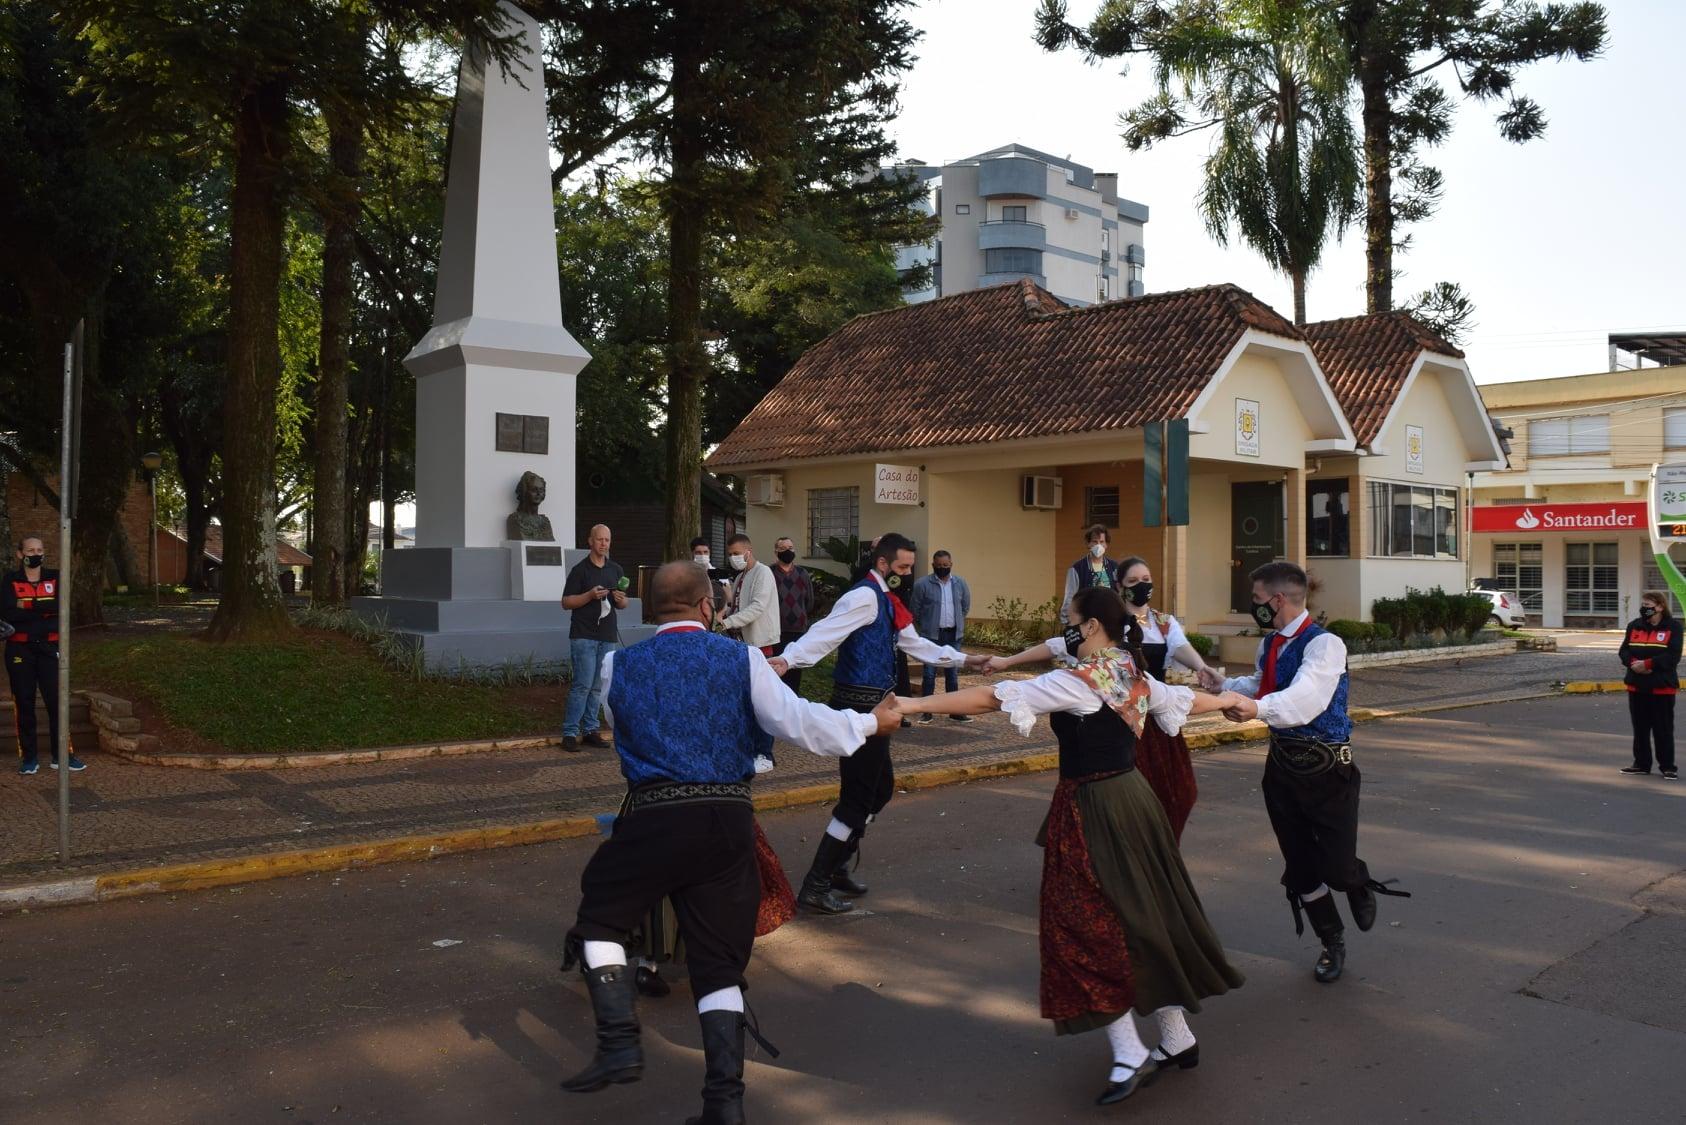 NMT celebrou 197 anos de imigração alemã no Brasil no domingo, dia 25